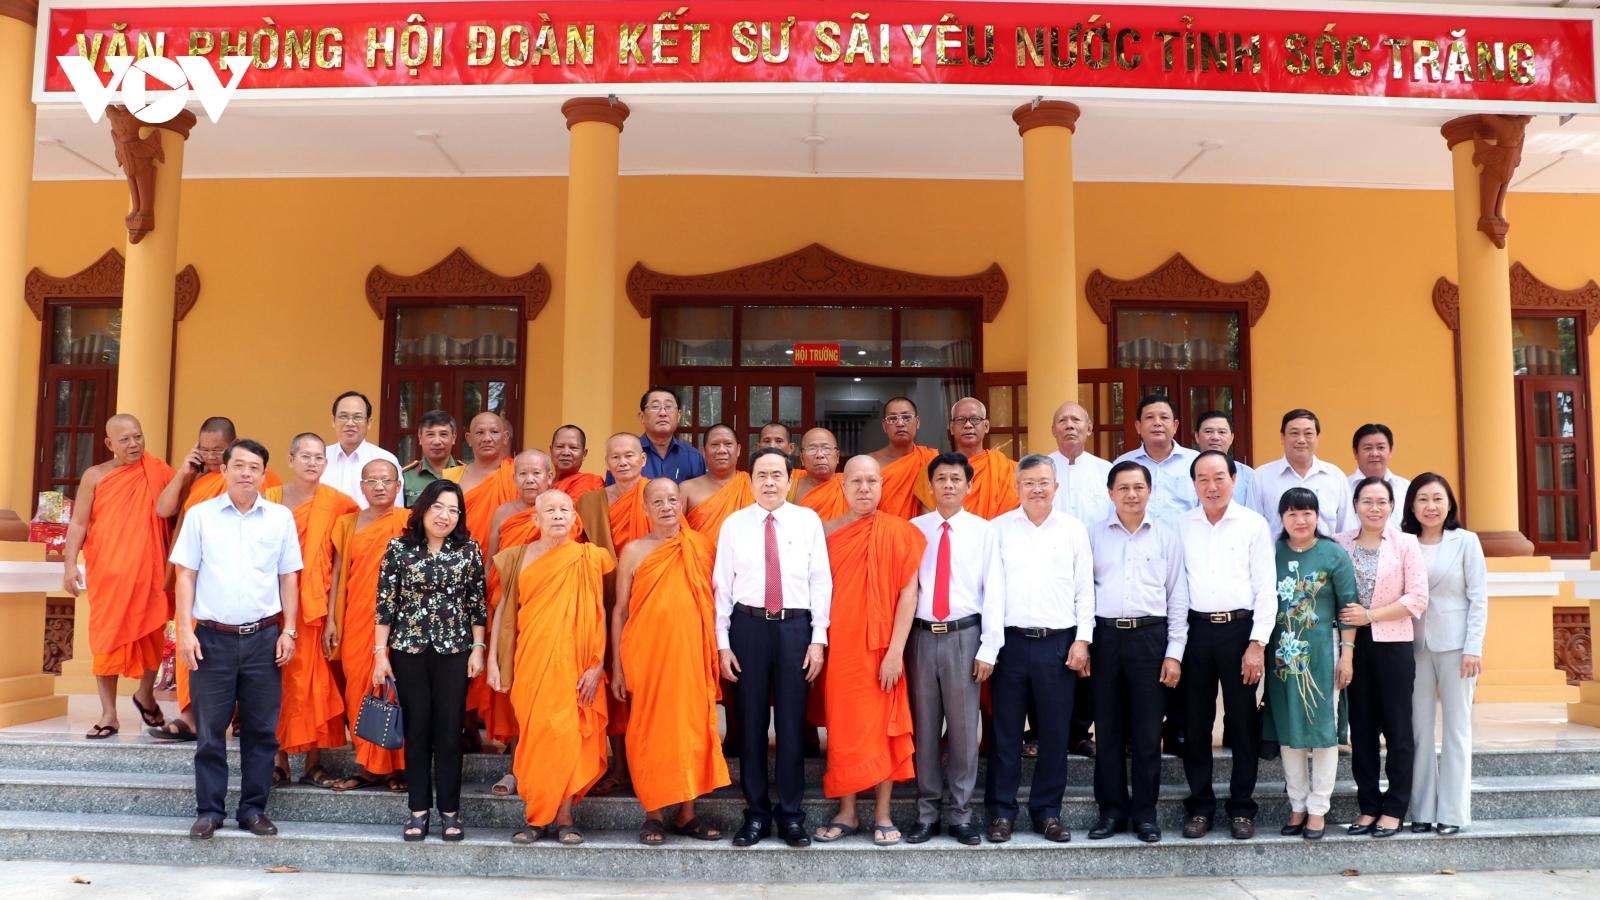 Phó Chủ tịch Quốc hội, Chủ tịch Ủy ban MTTQ Việt Nam thăm chúc tếtChôl Chnăm Thmây